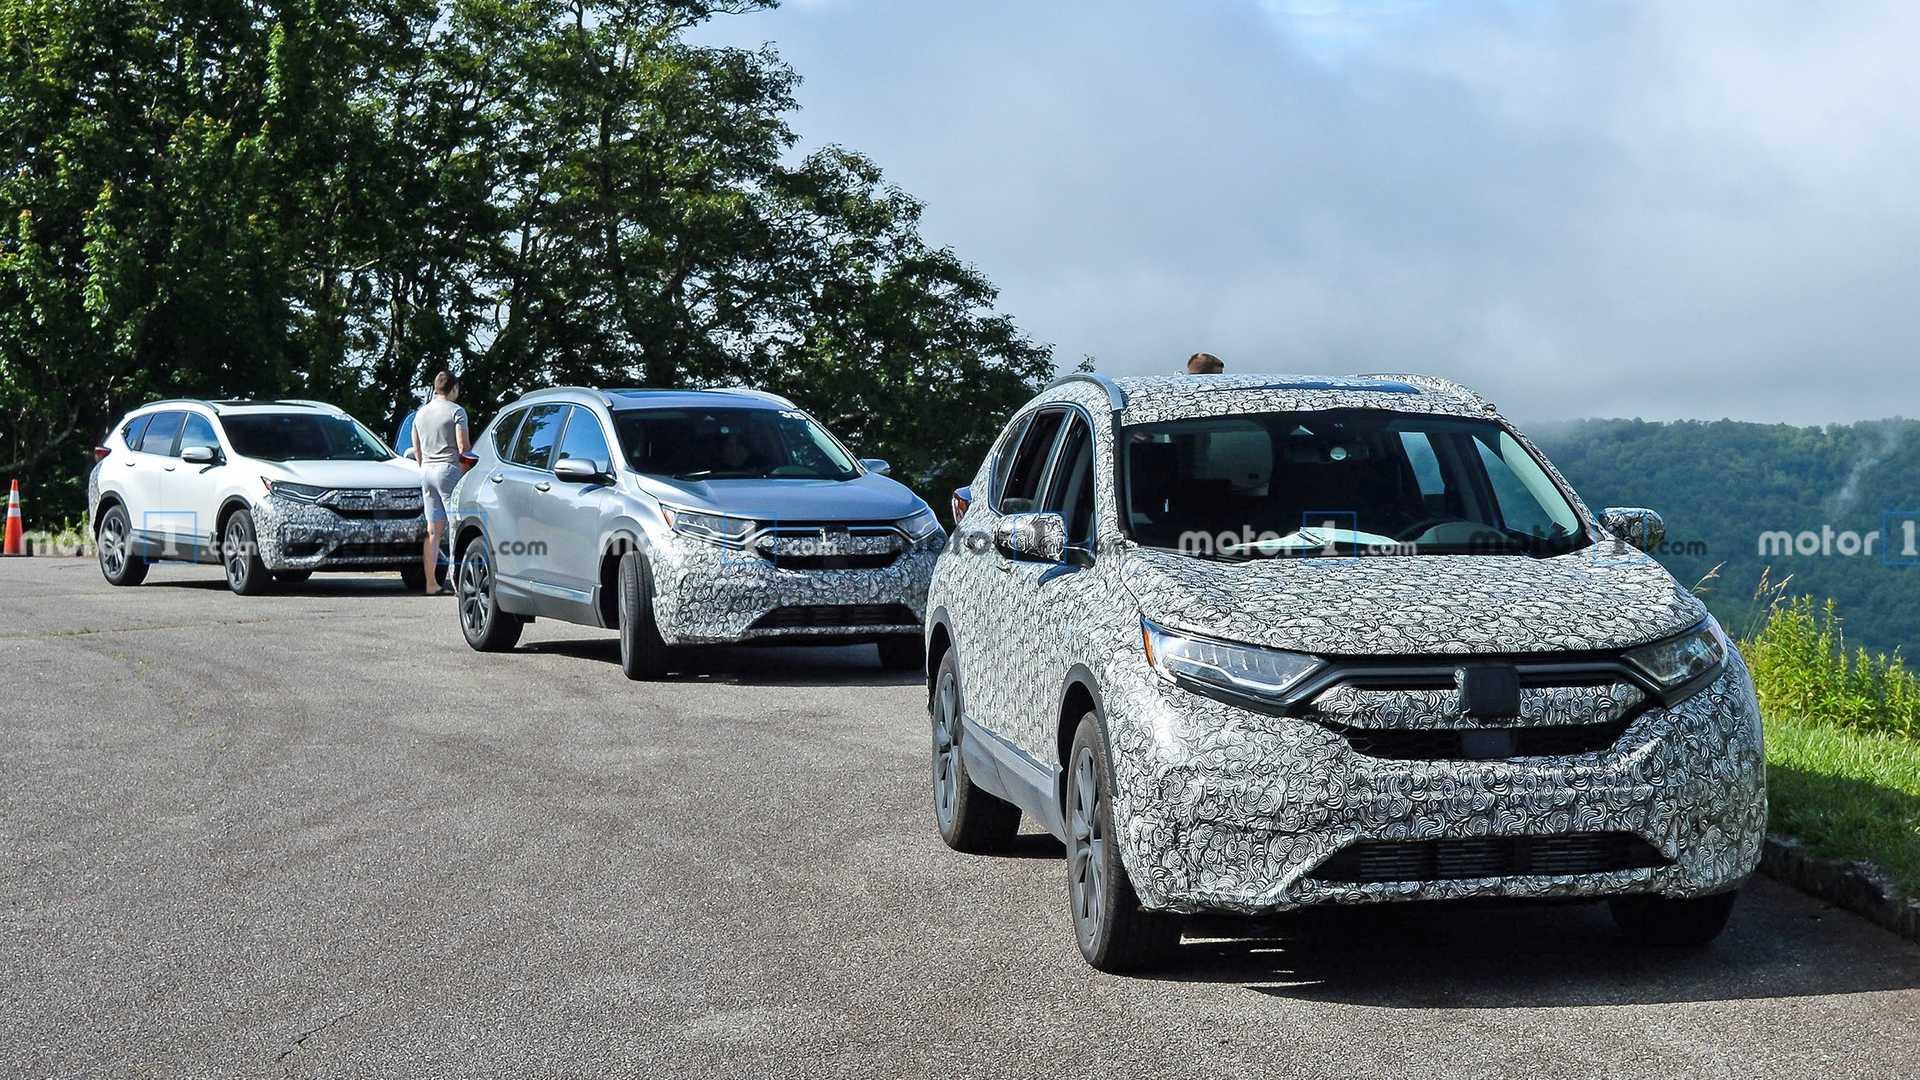 Honda CR-V 2020 phiên bản nâng cấp facelift bị bắt gặp chạy thử tại Mỹ - 4